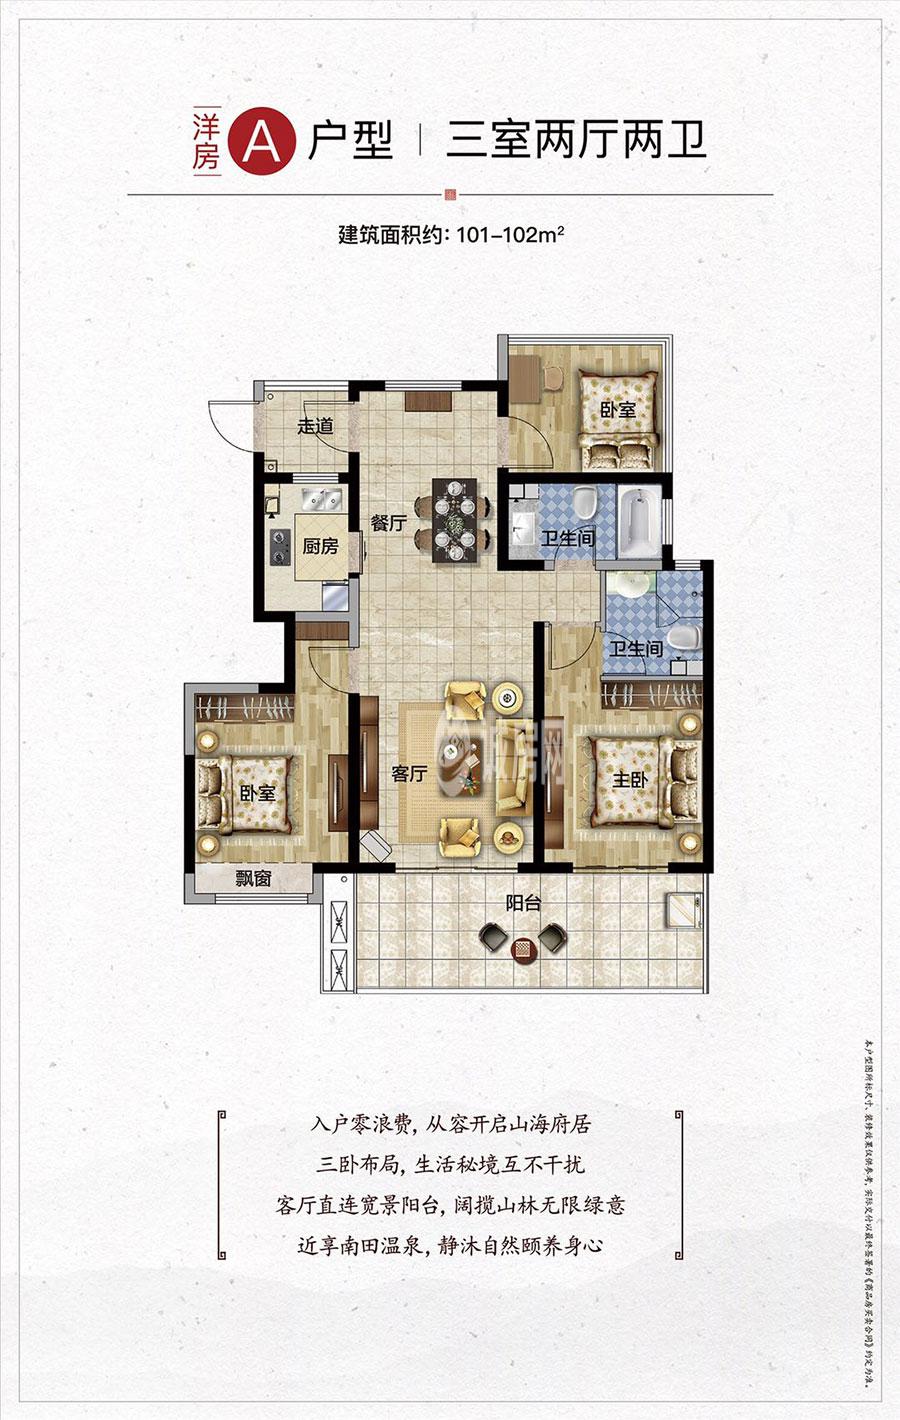 和泓海棠府3室2厅2卫 (建筑面积:100.00㎡)